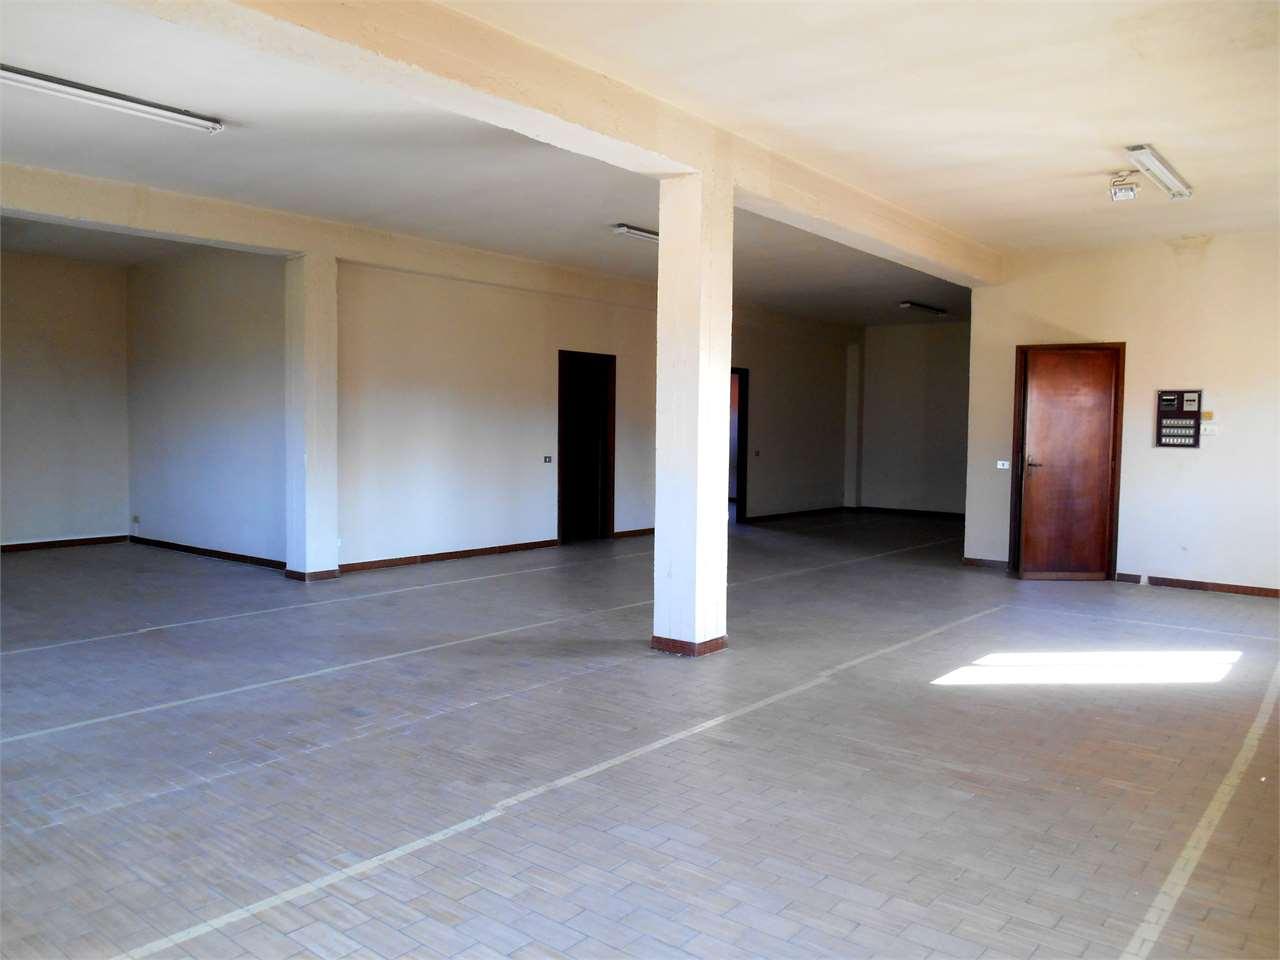 Ufficio / Studio in affitto a Capannori, 3 locali, zona Zona: Lunata, prezzo € 1.300 | CambioCasa.it